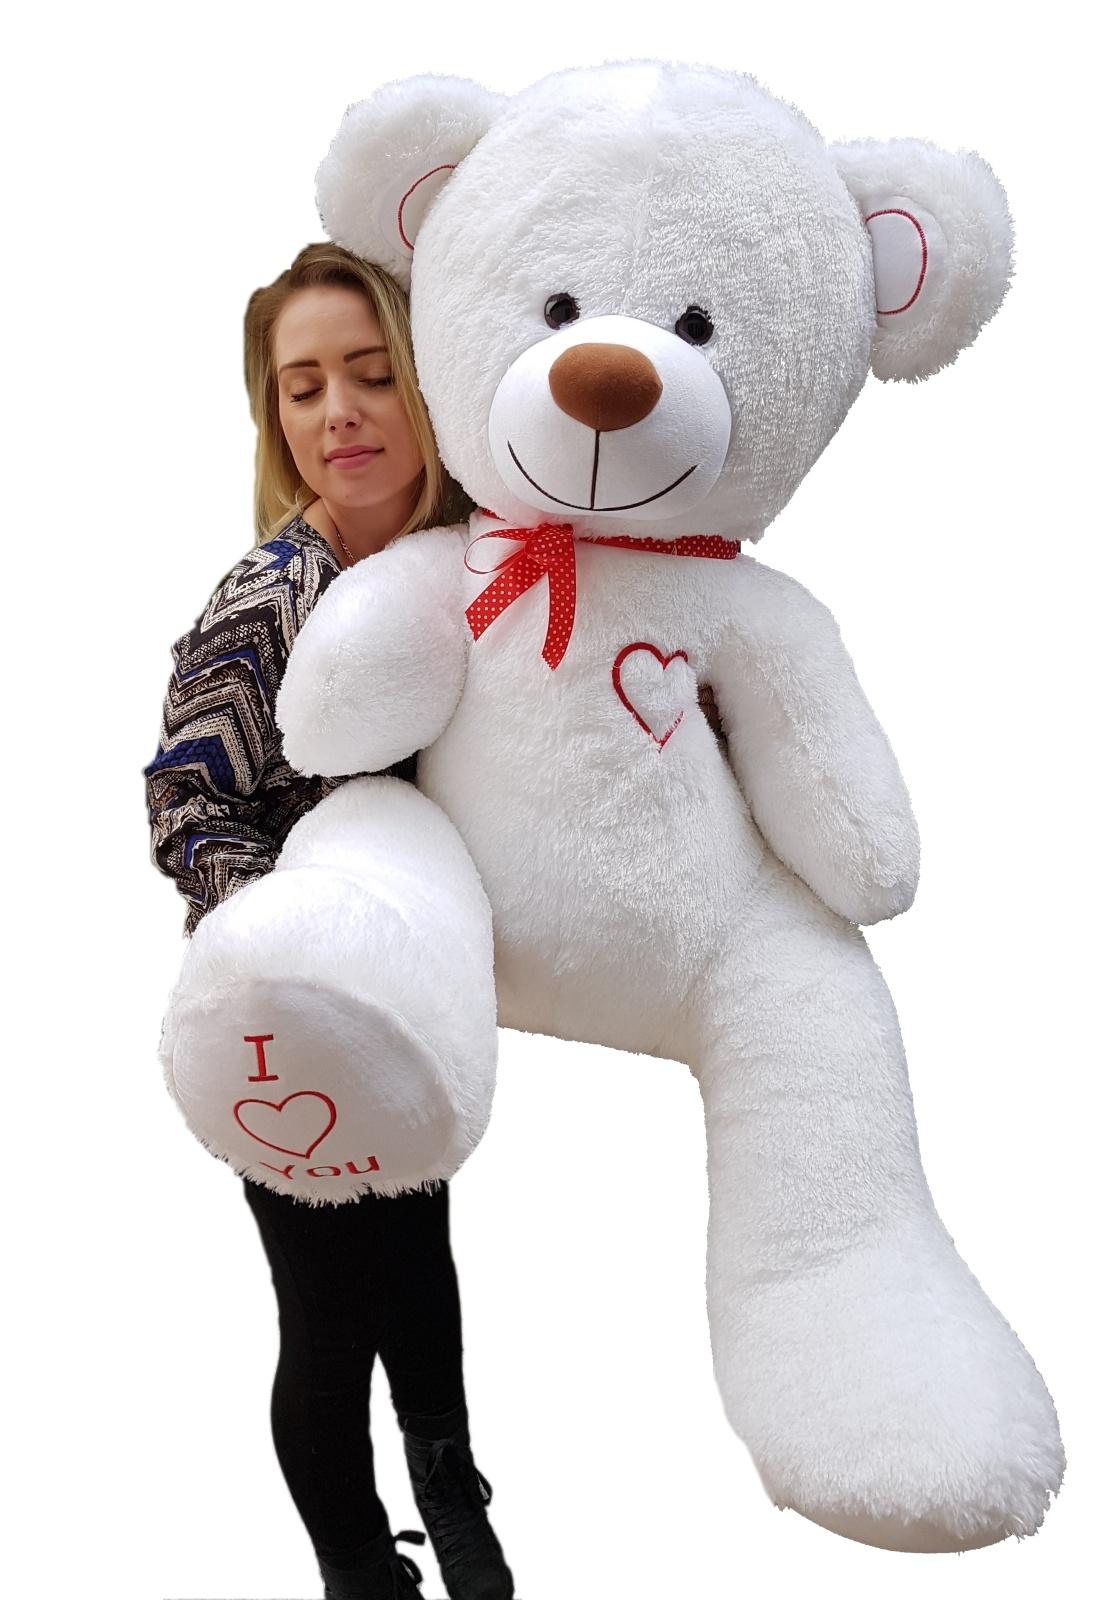 Teddybär Plüschbär Kuscheltier Stofftier Schmusebär Riesen Geschenkidee 160cm weiß-rot